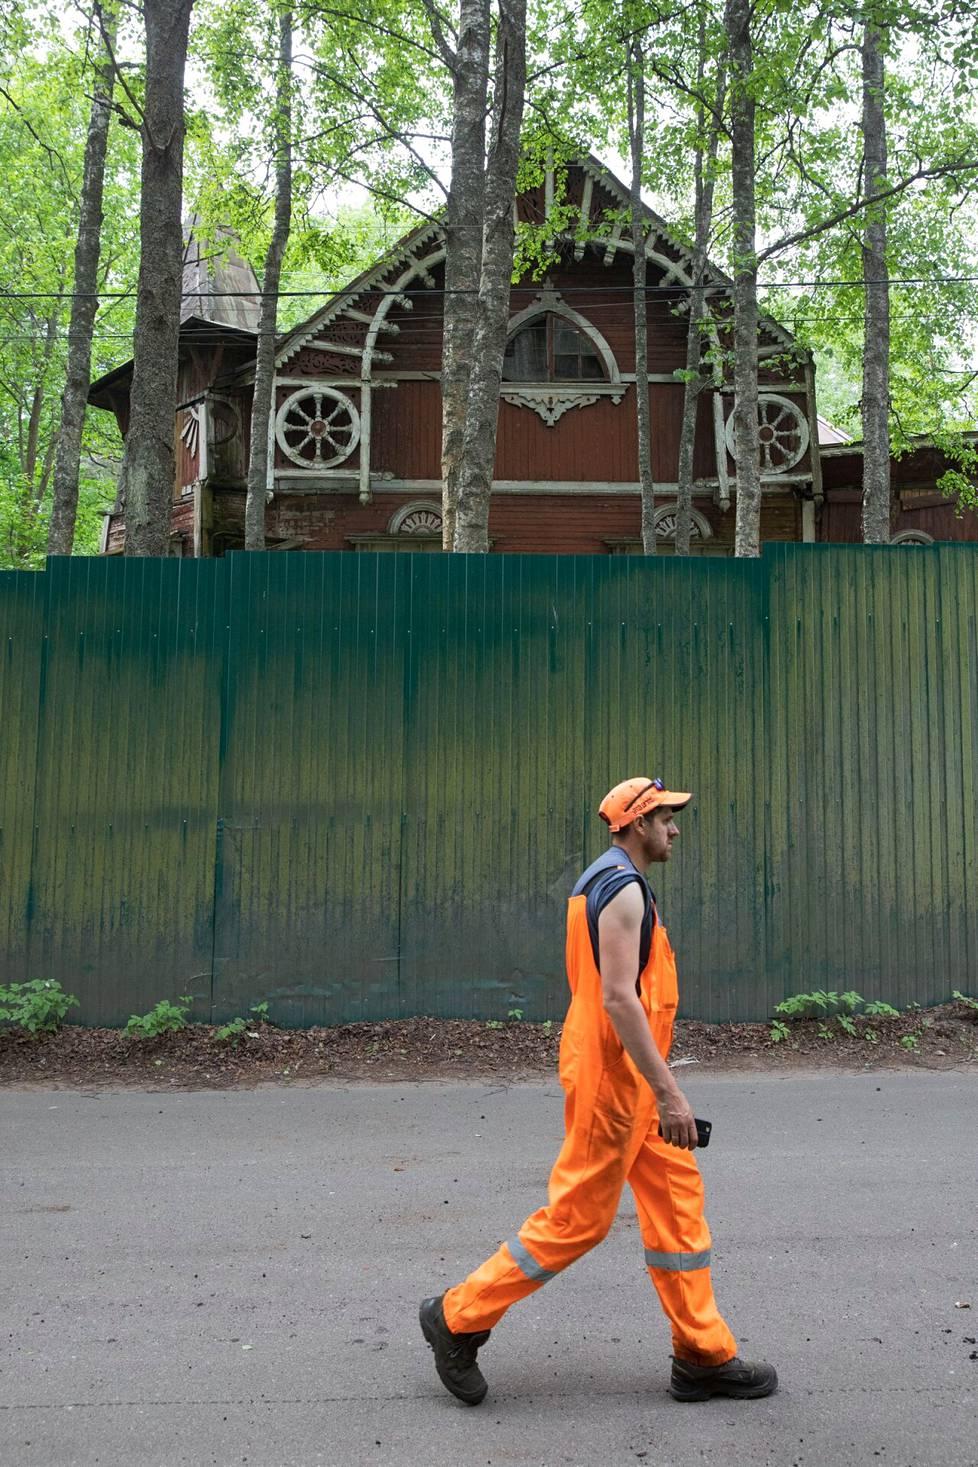 Asfaltointitöissä ollut mies kävelemässä ränsistyneen huvilan ohi.